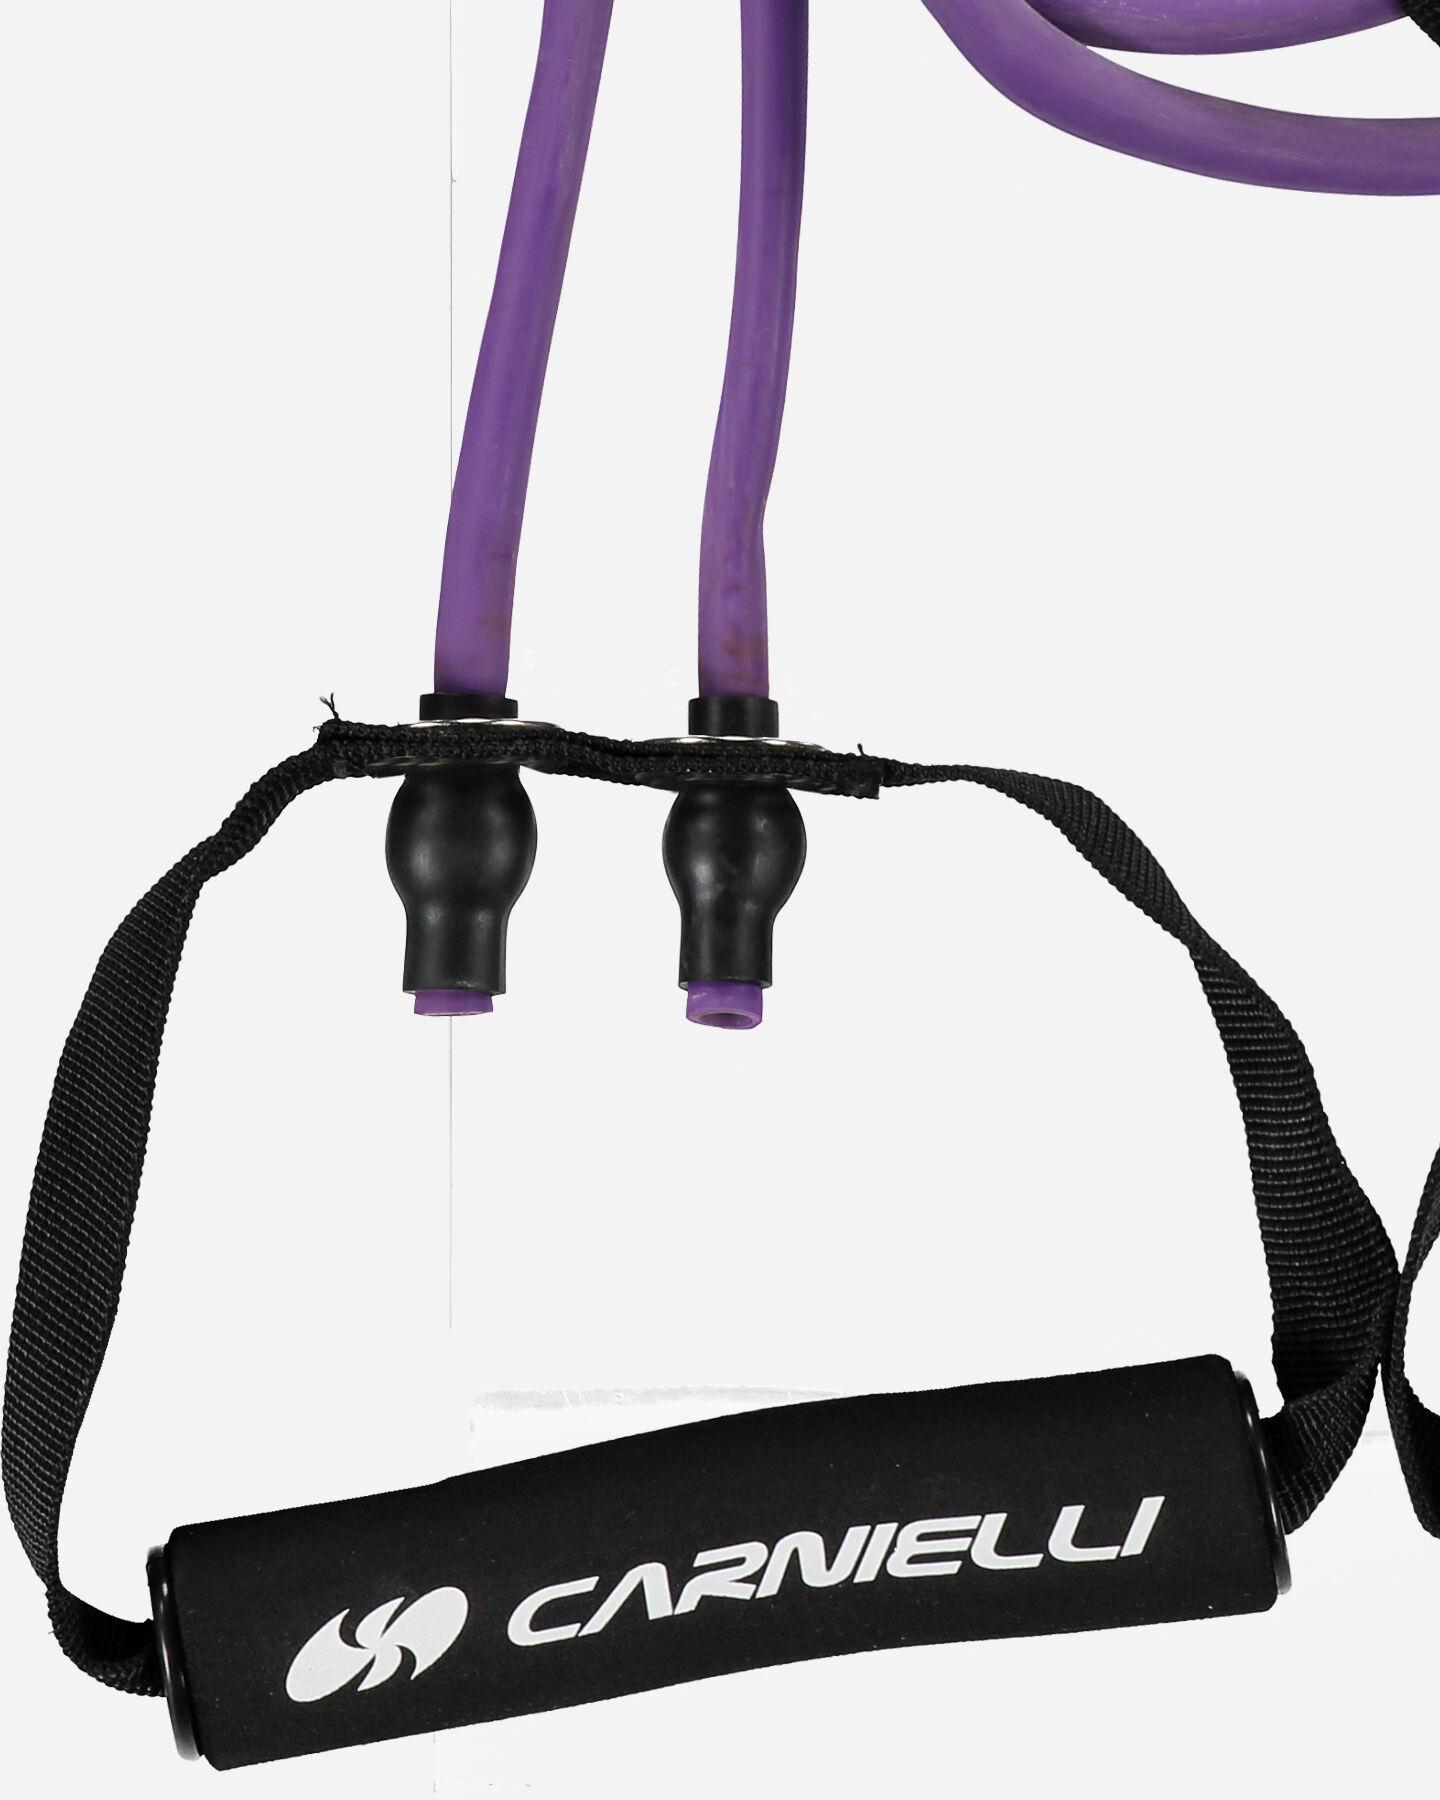 Banda elastica CARNIELLI DEA S4026906|1|UNI scatto 1